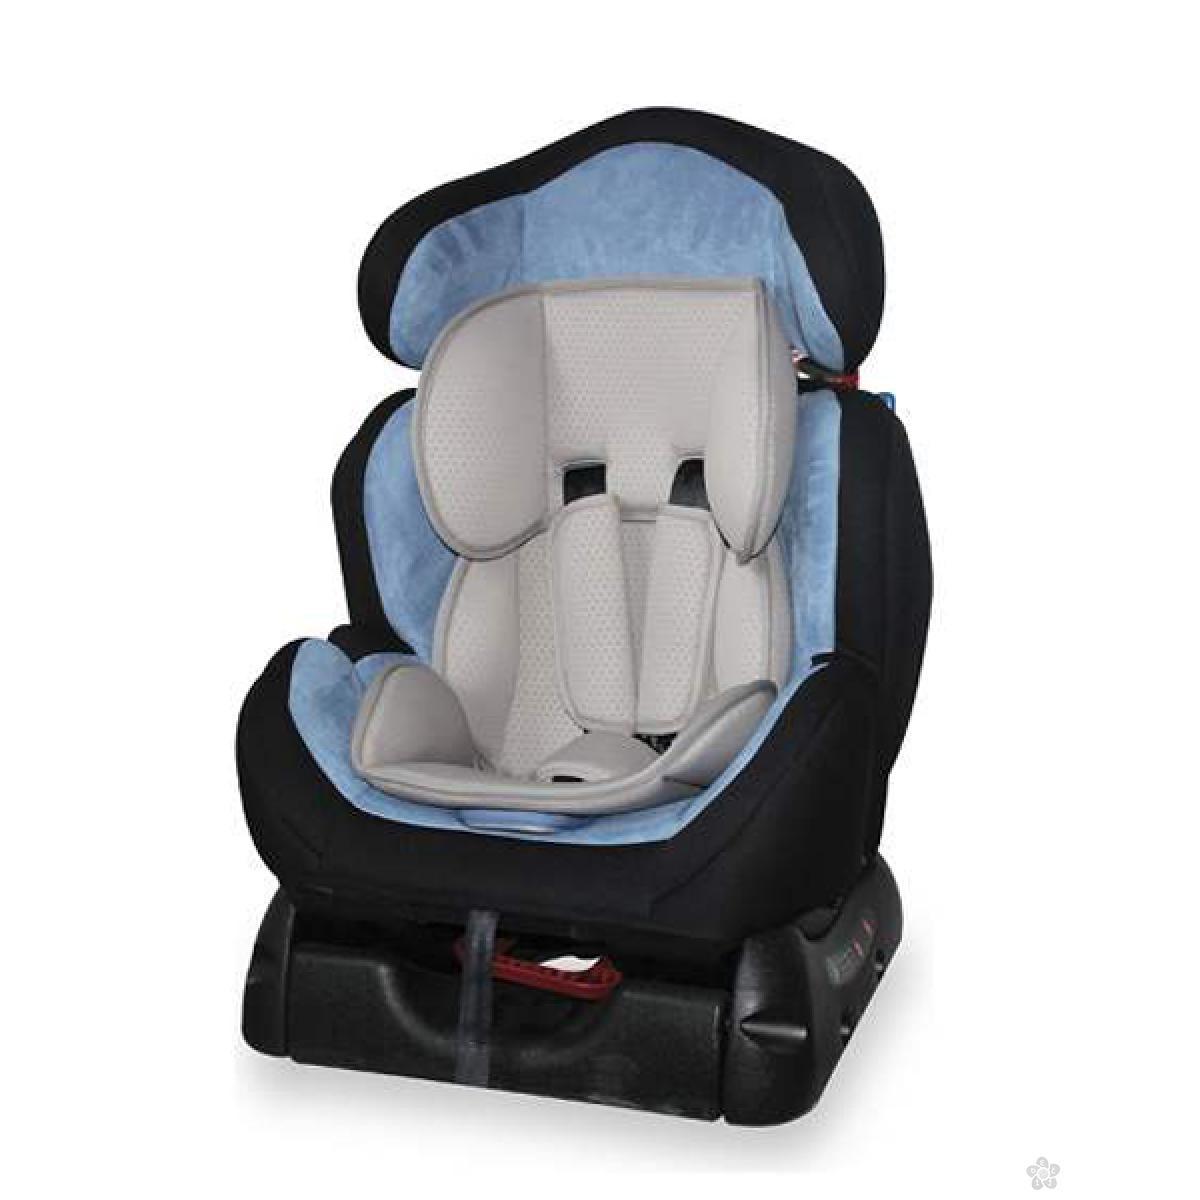 Auto Sedište Safeguard Blue & Grey 0-25kg, 10070711659